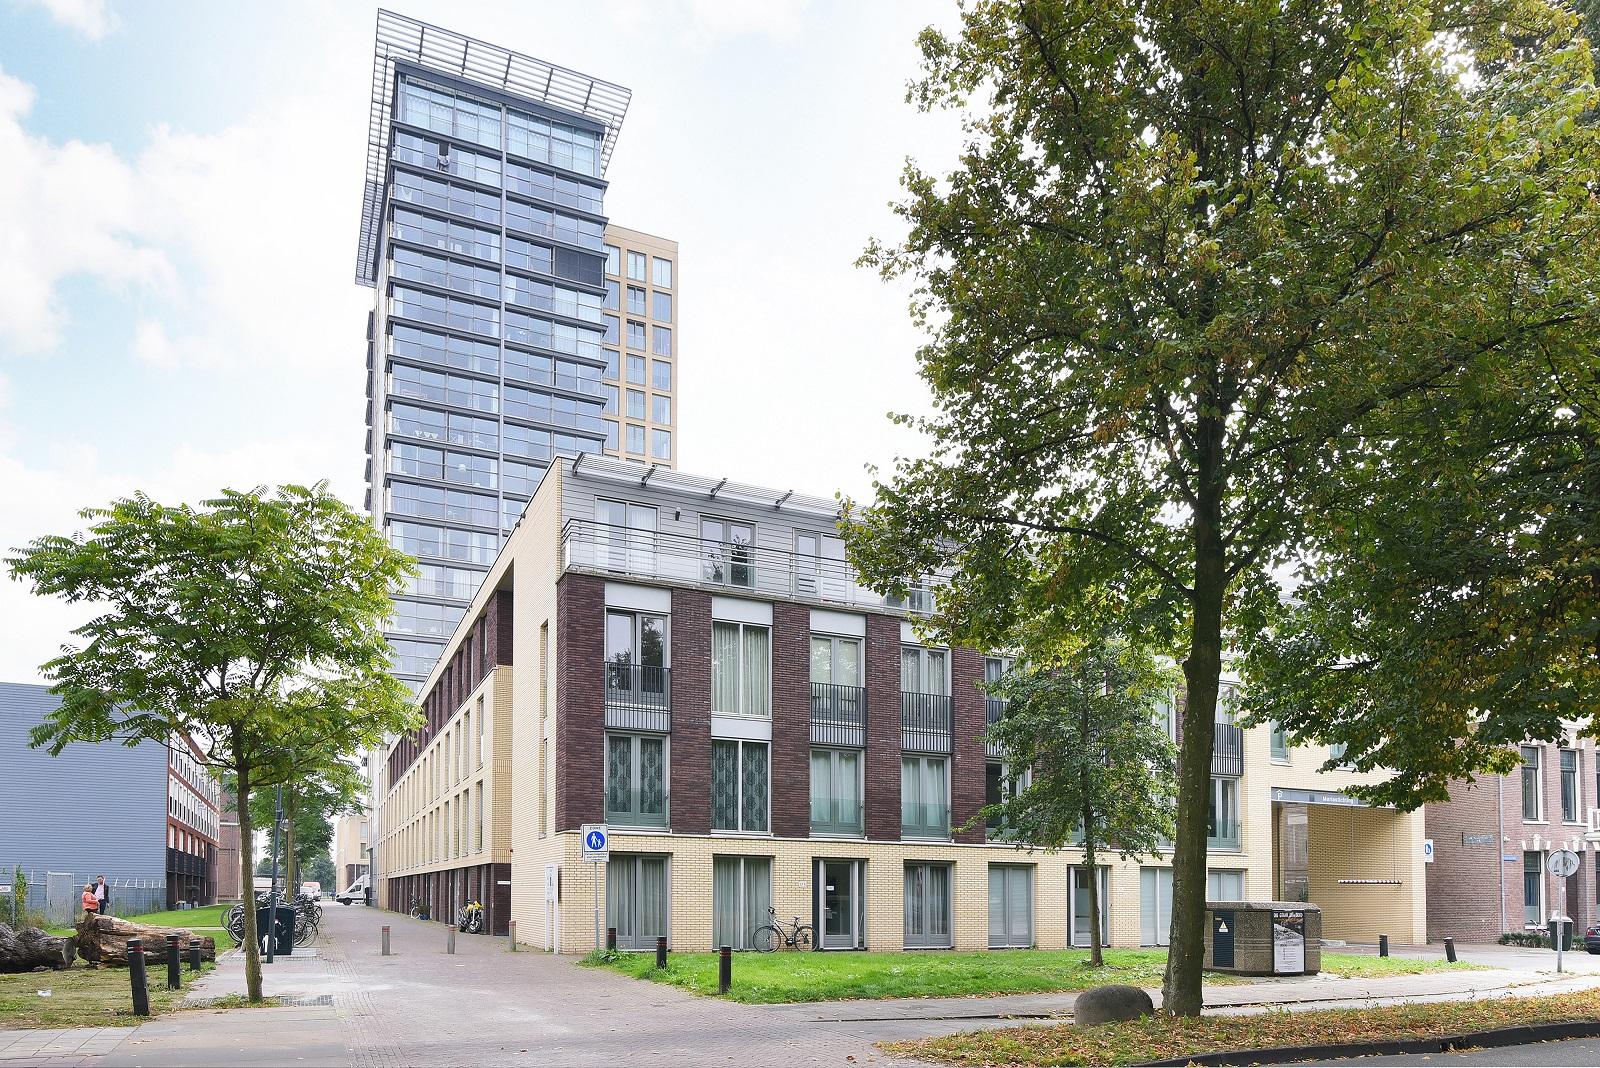 Bellevuelaan 95, Haarlem